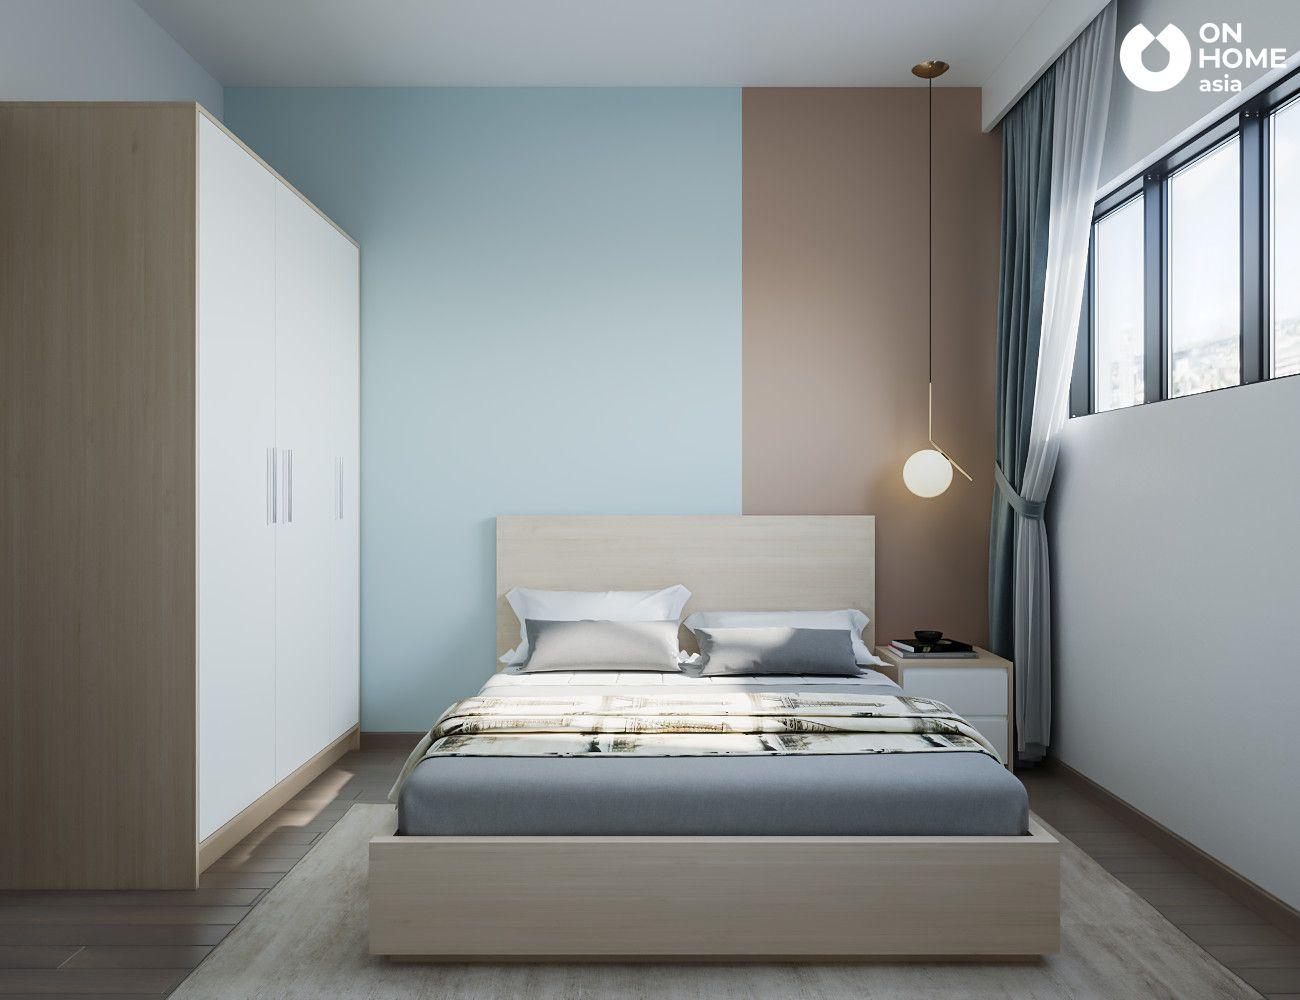 nội thất phòng ngủ nhỏ căn hộ the habitat 3 phòng ngủ